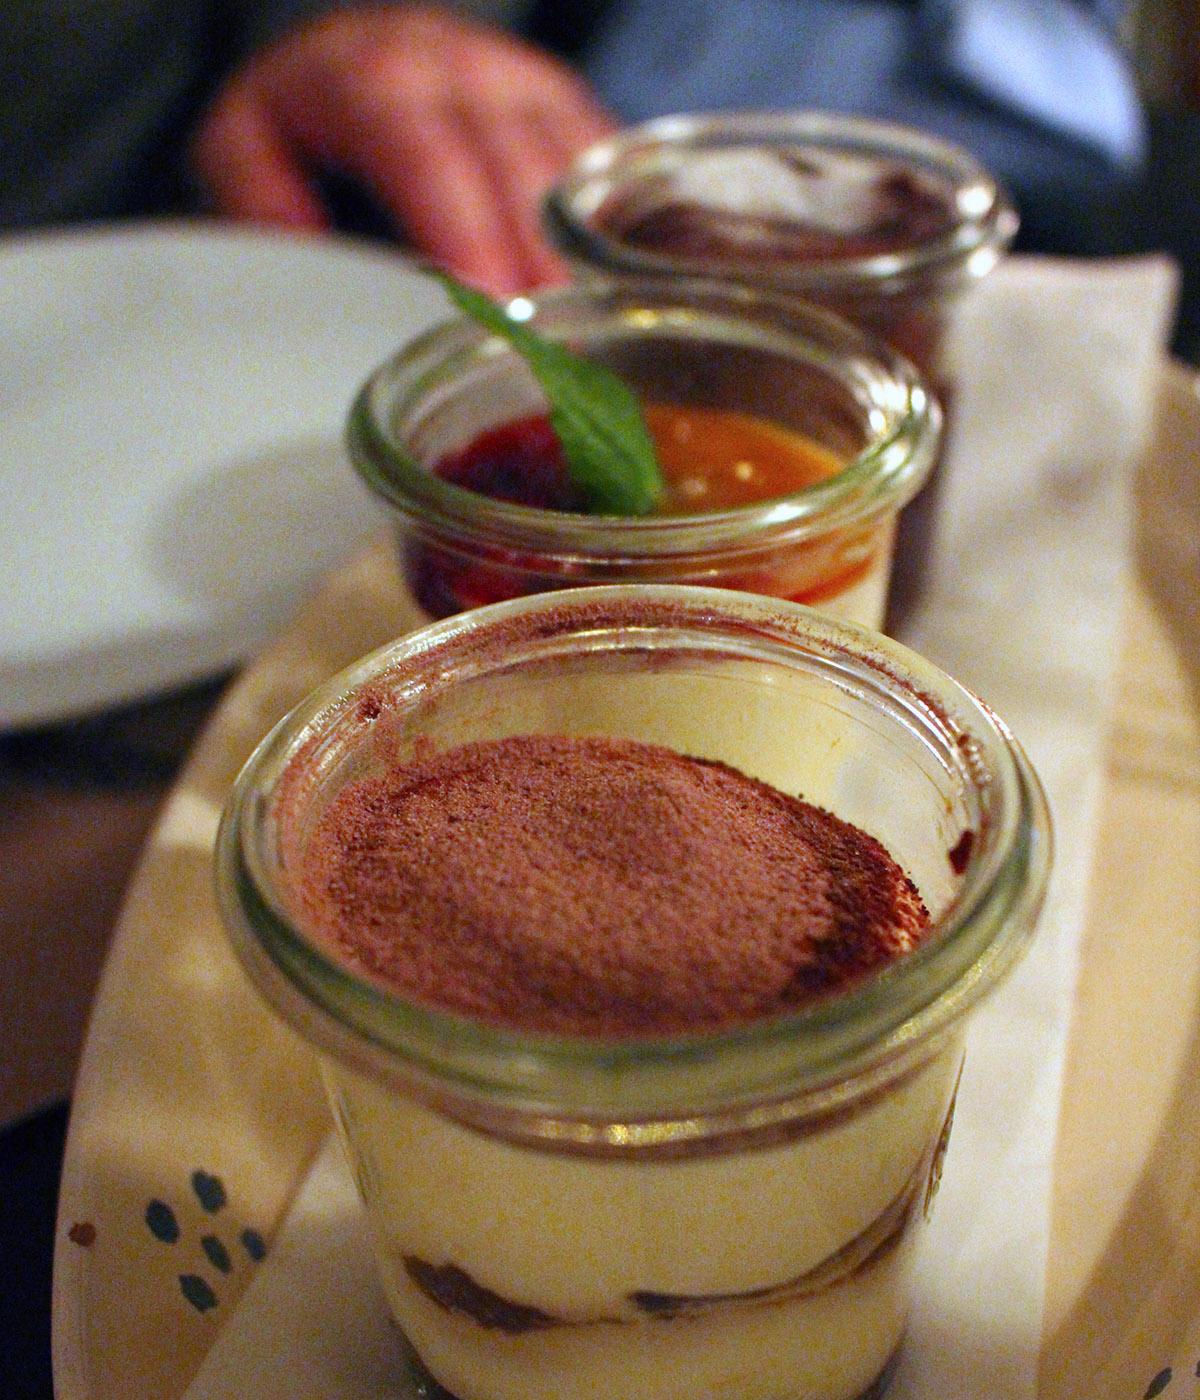 little-italy_kritik_dessert05_bearbeitet02_lea